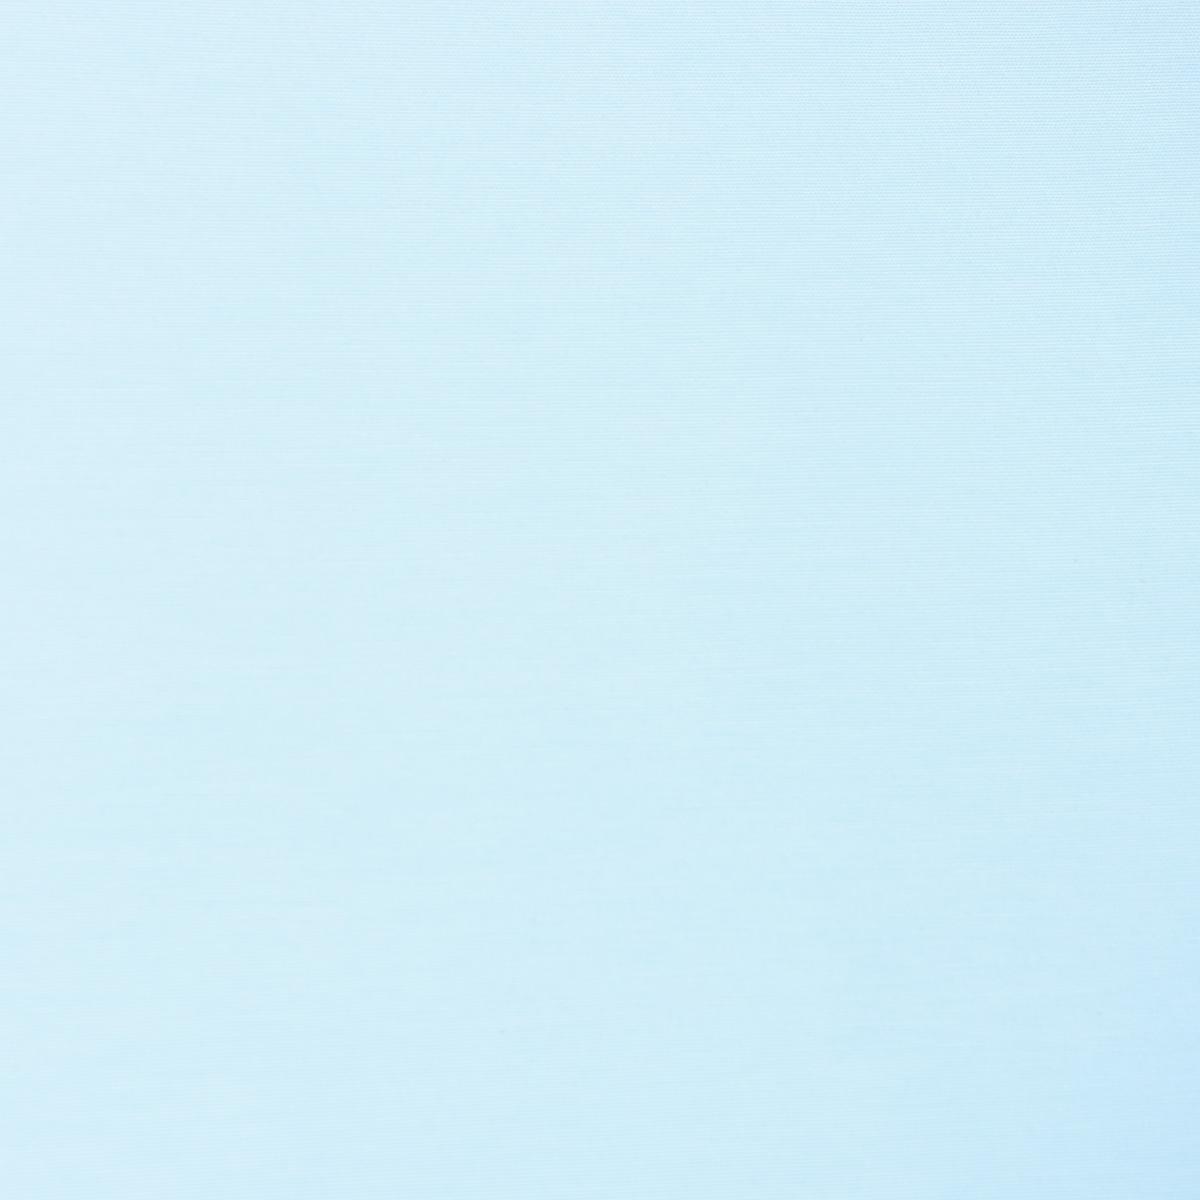 dekostoff baumwollmischung einfarbig hellblau stoffe stoffe uni baumwollmischungen. Black Bedroom Furniture Sets. Home Design Ideas